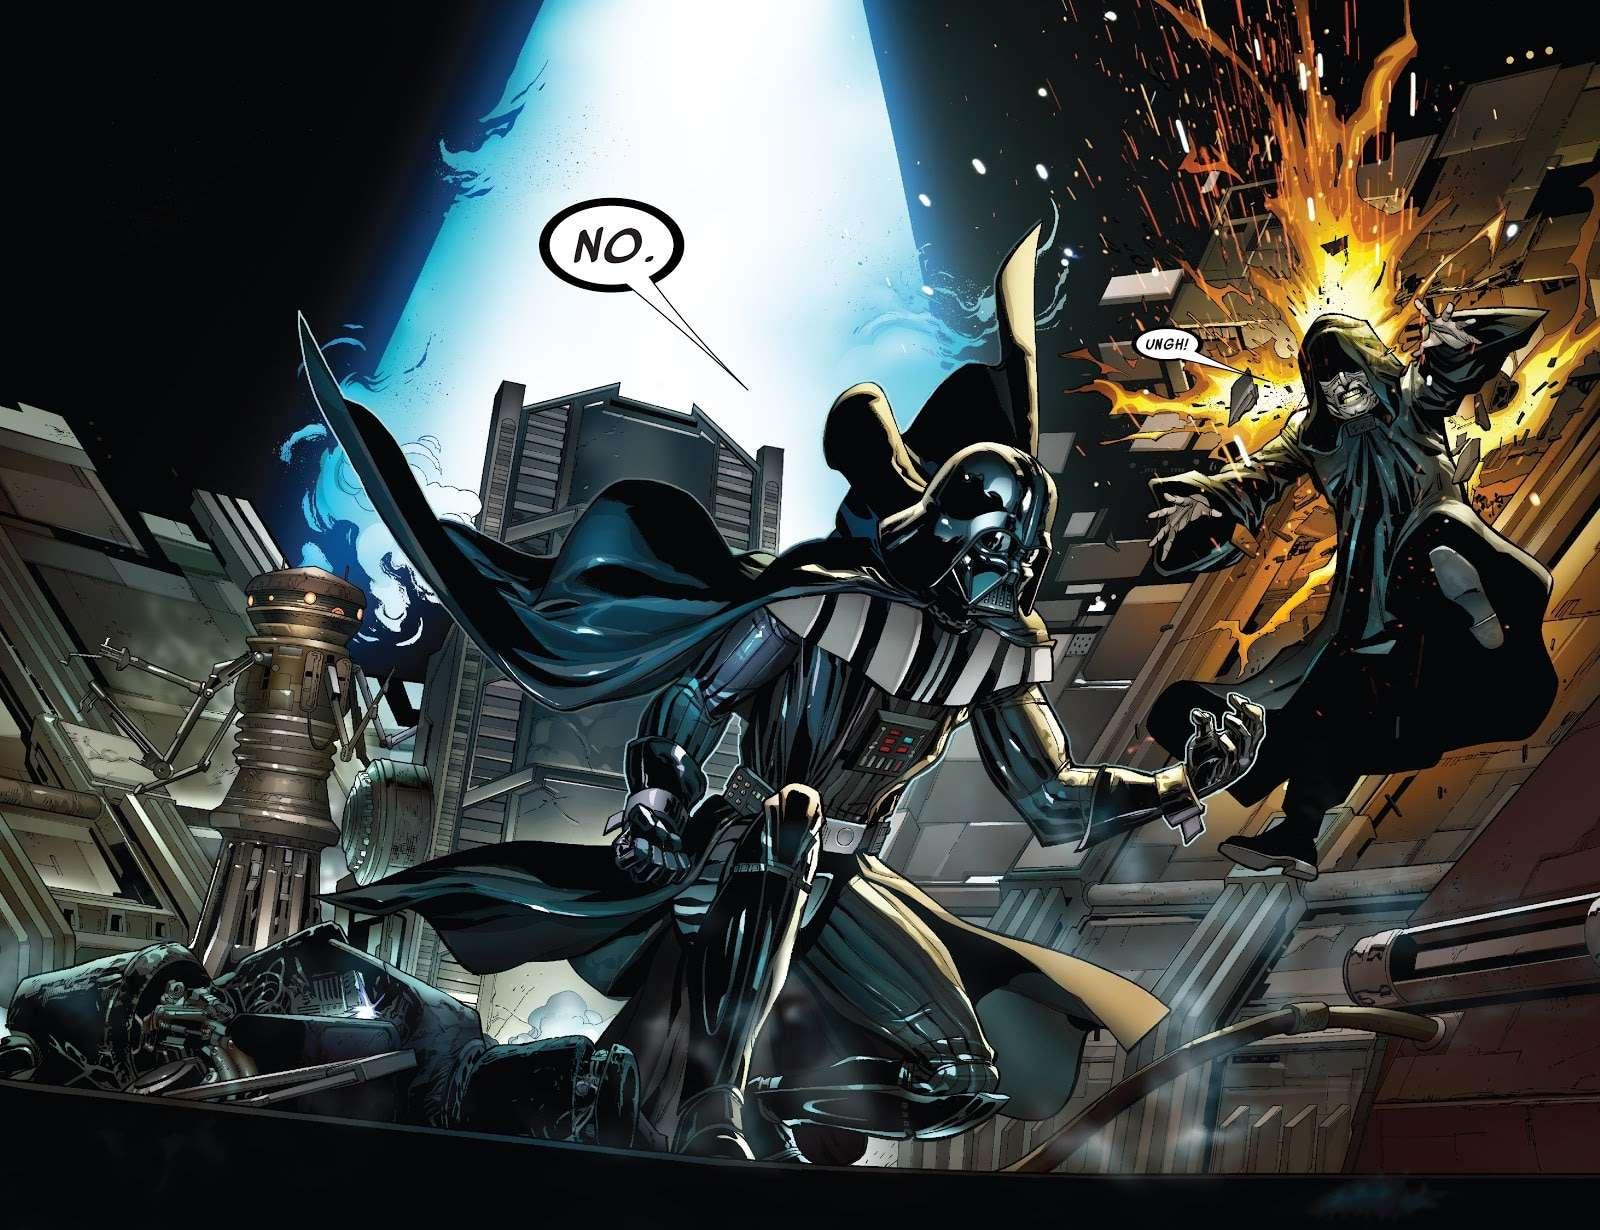 Canon eu continuità, Bad Batch: esiste ancora il primato della continuità nel Canon?, Star Wars Addicted